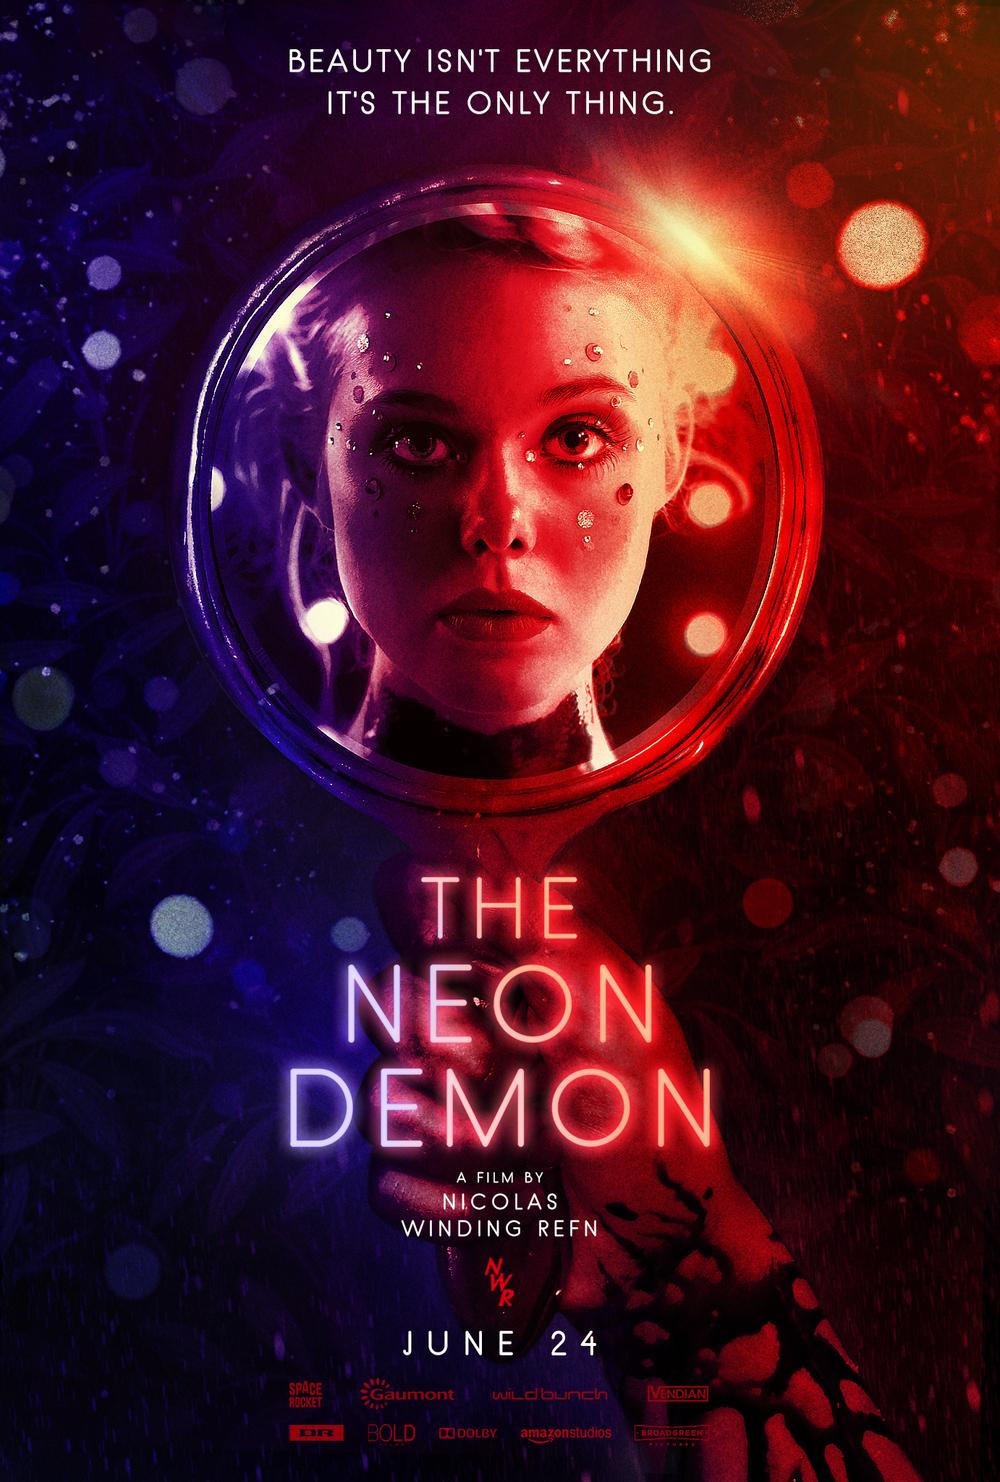 Péliculas originales que merezca la pena ver - Página 4 The-neon-demon-poster-by-dave-stafford